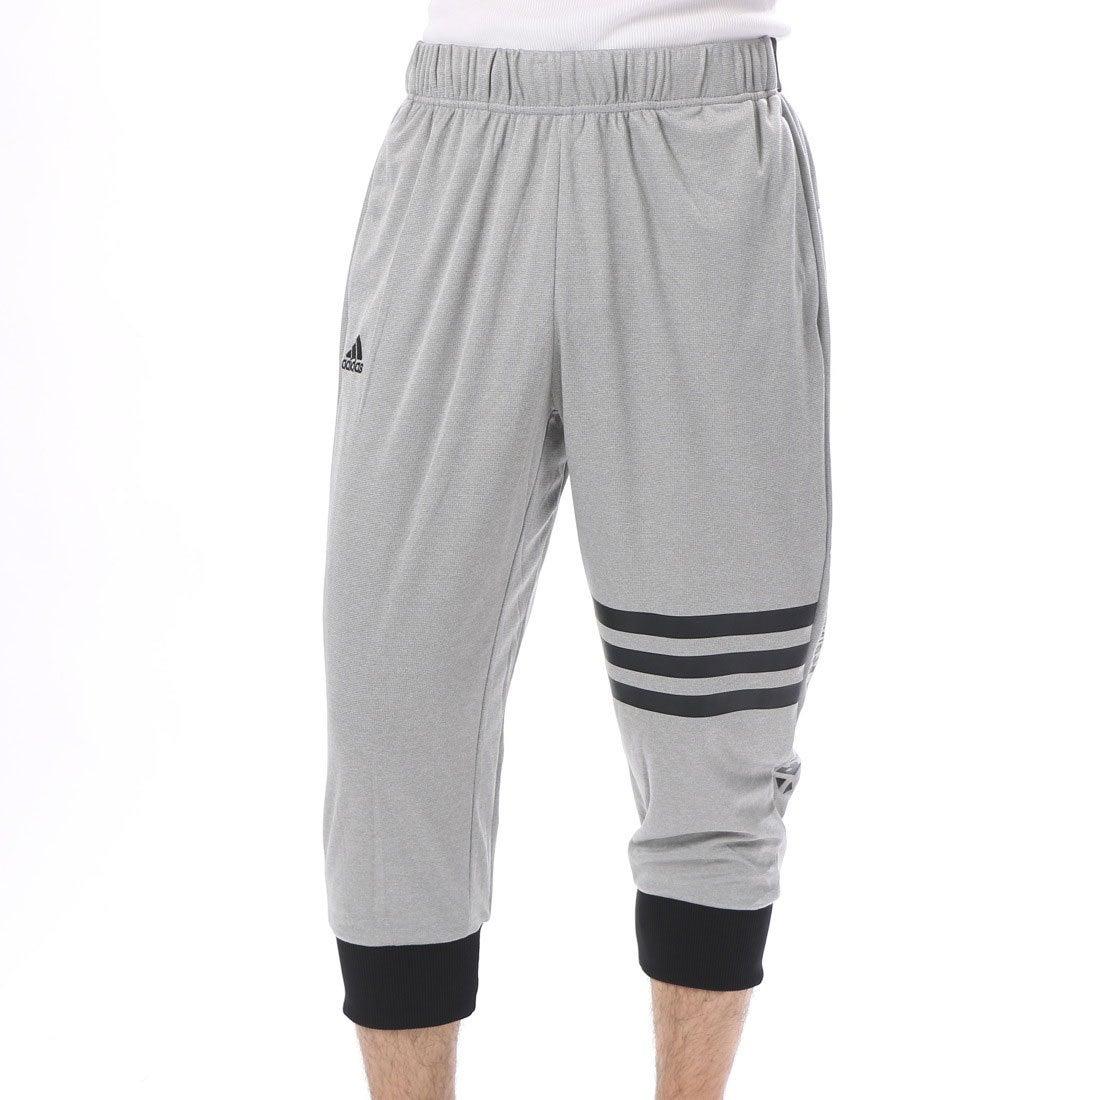 【SALE 50%OFF】アディダス adidas メンズ 野球 ウインドパンツ 3/4 プラクティスパンツ CD2728